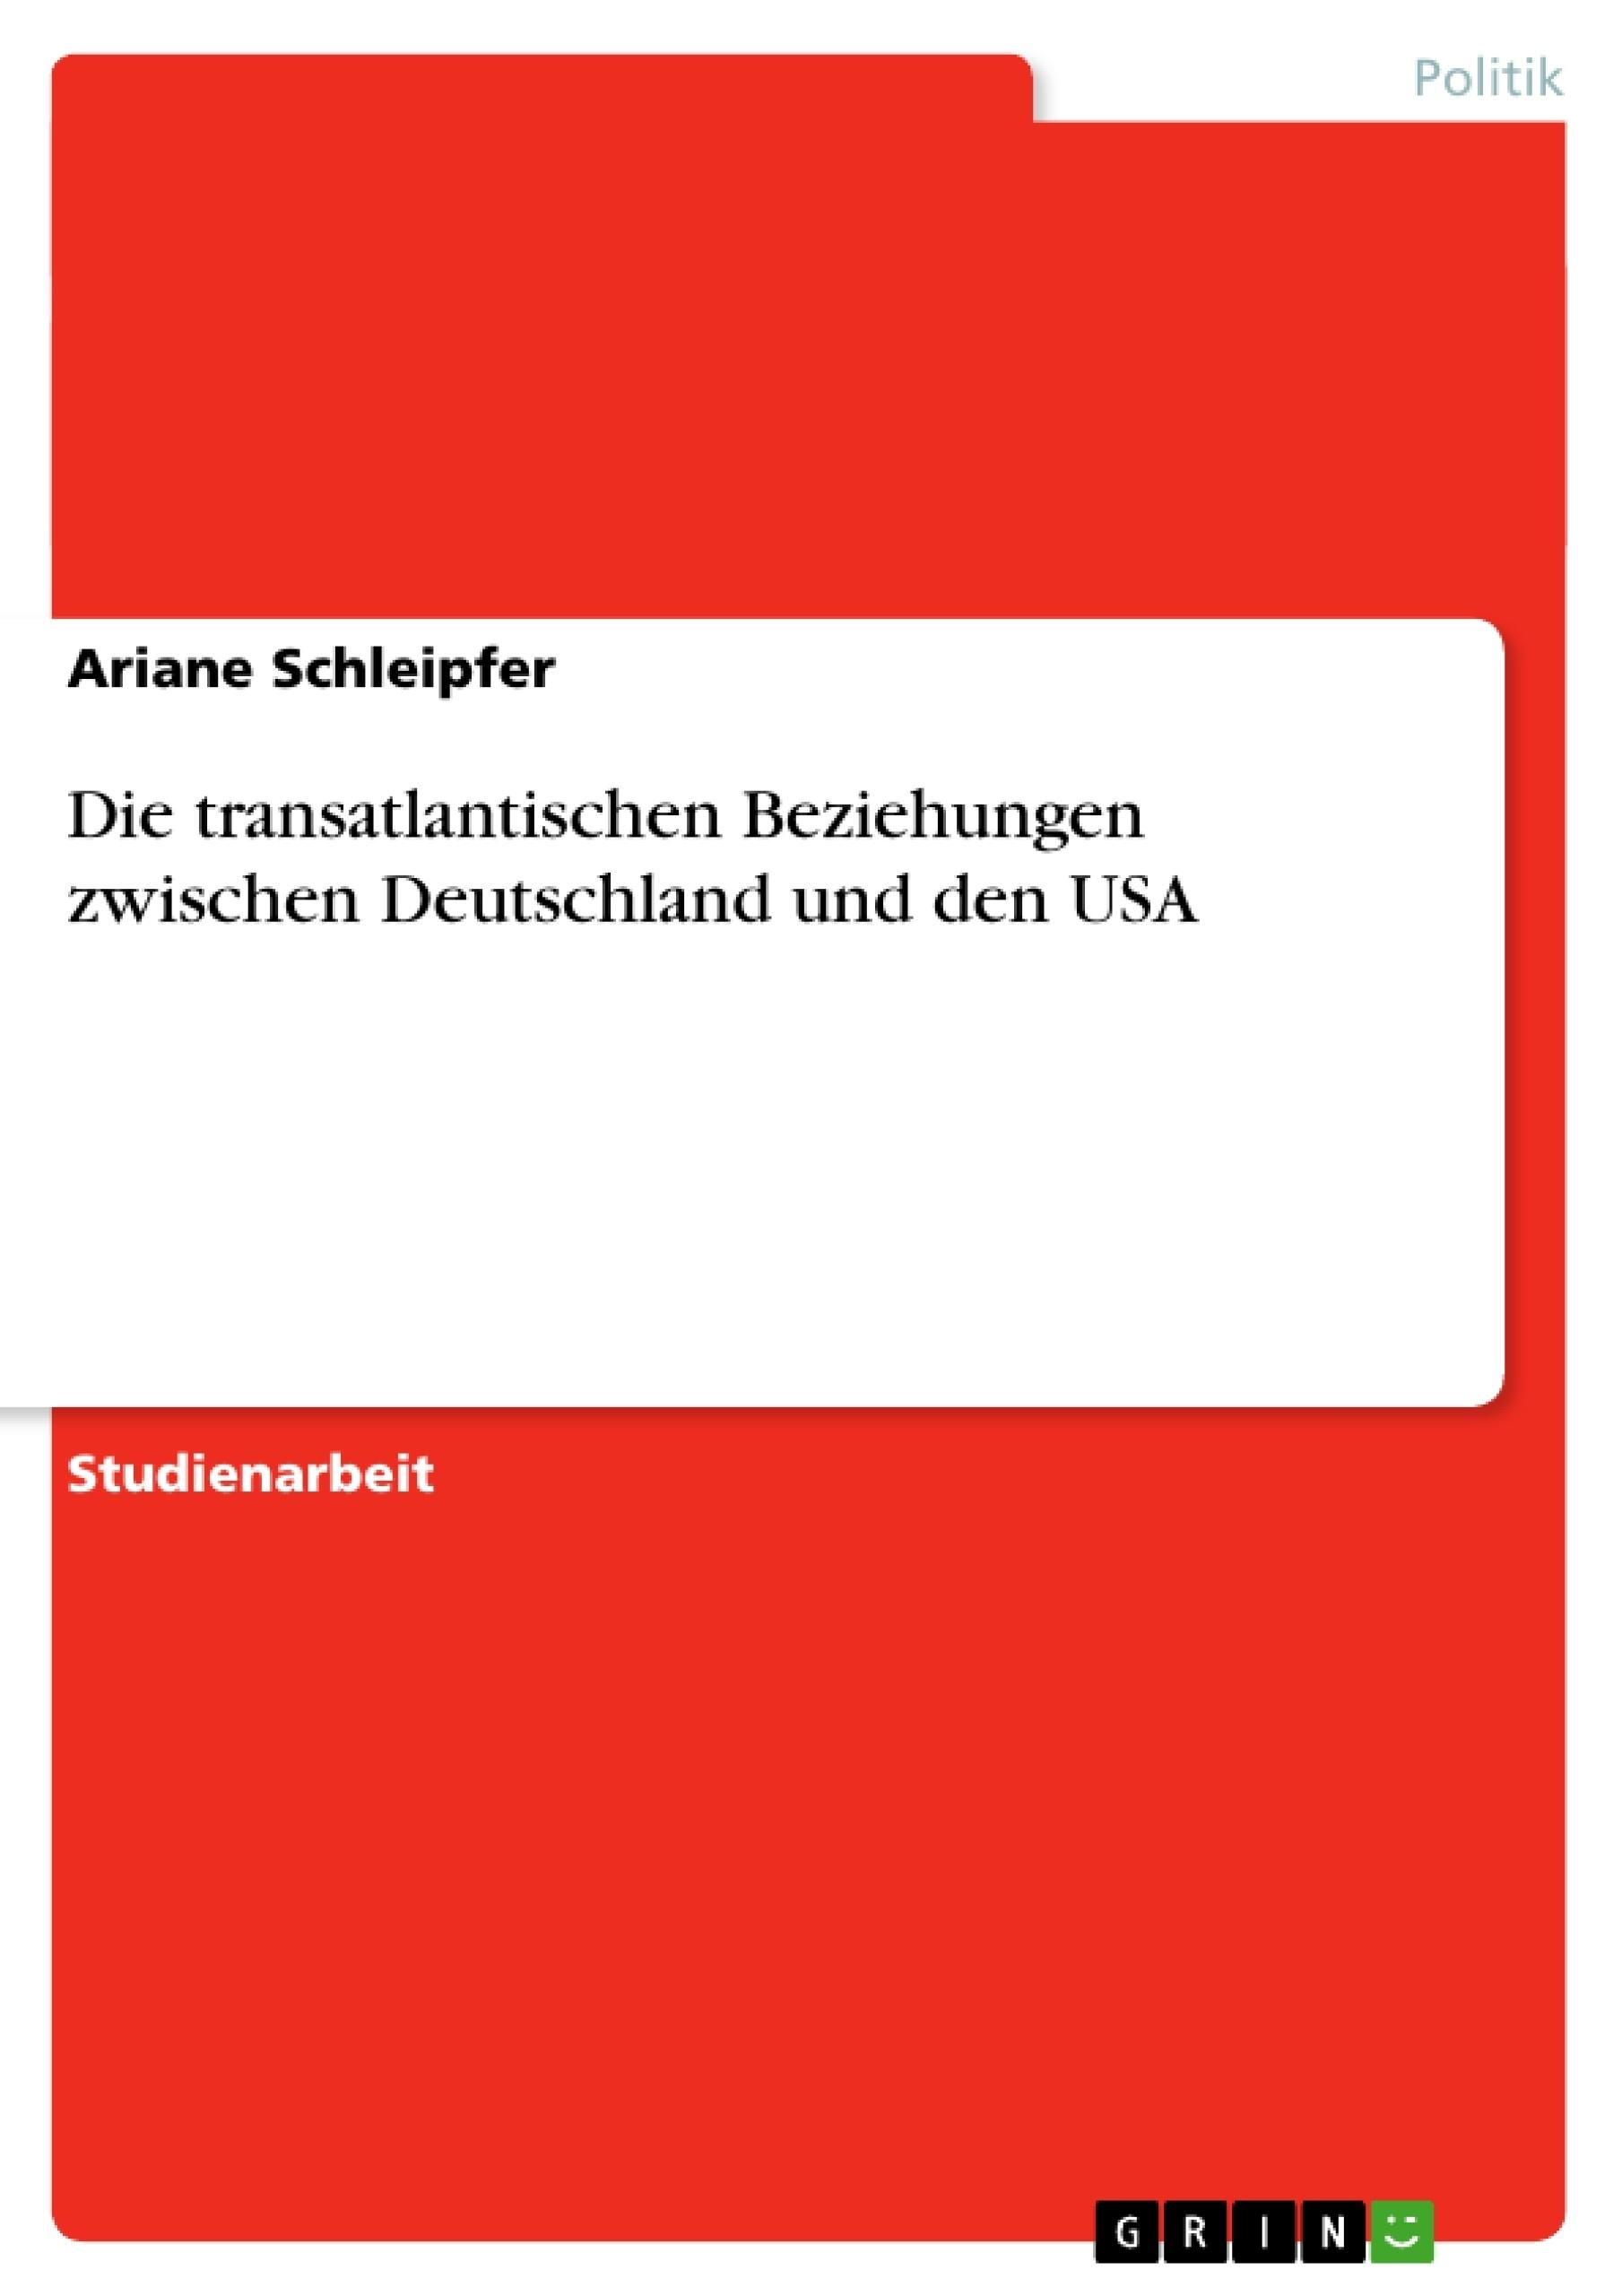 Titel: Die transatlantischen Beziehungen zwischen Deutschland und den USA